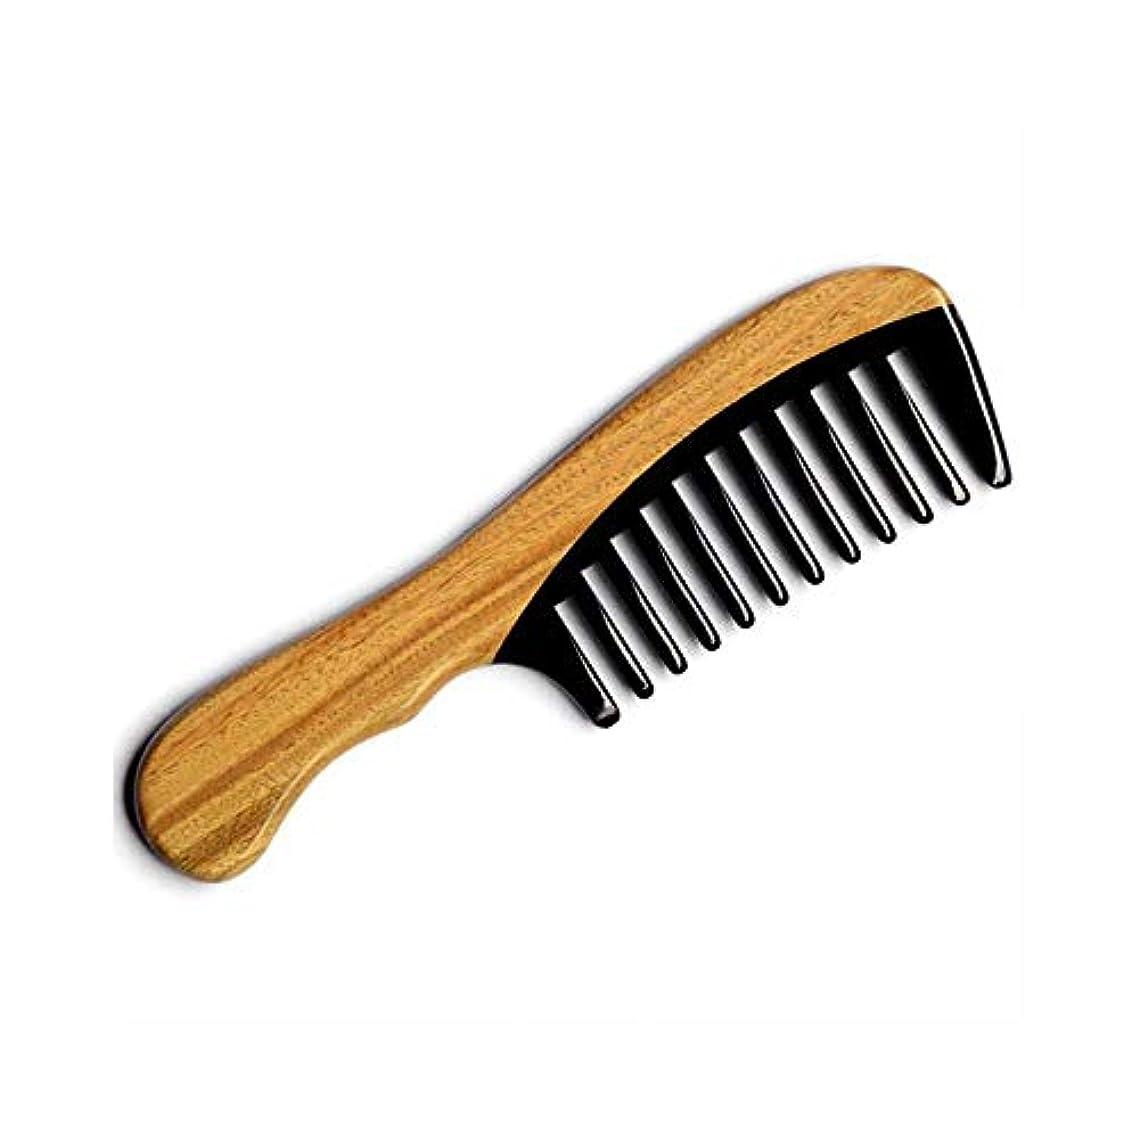 お父さん負息苦しいFashianナチュラルバッファローホーンくし木製のもつれ解除はありません静的ヘアコーム(標準歯形、18センチメートル) ヘアケア (色 : A)